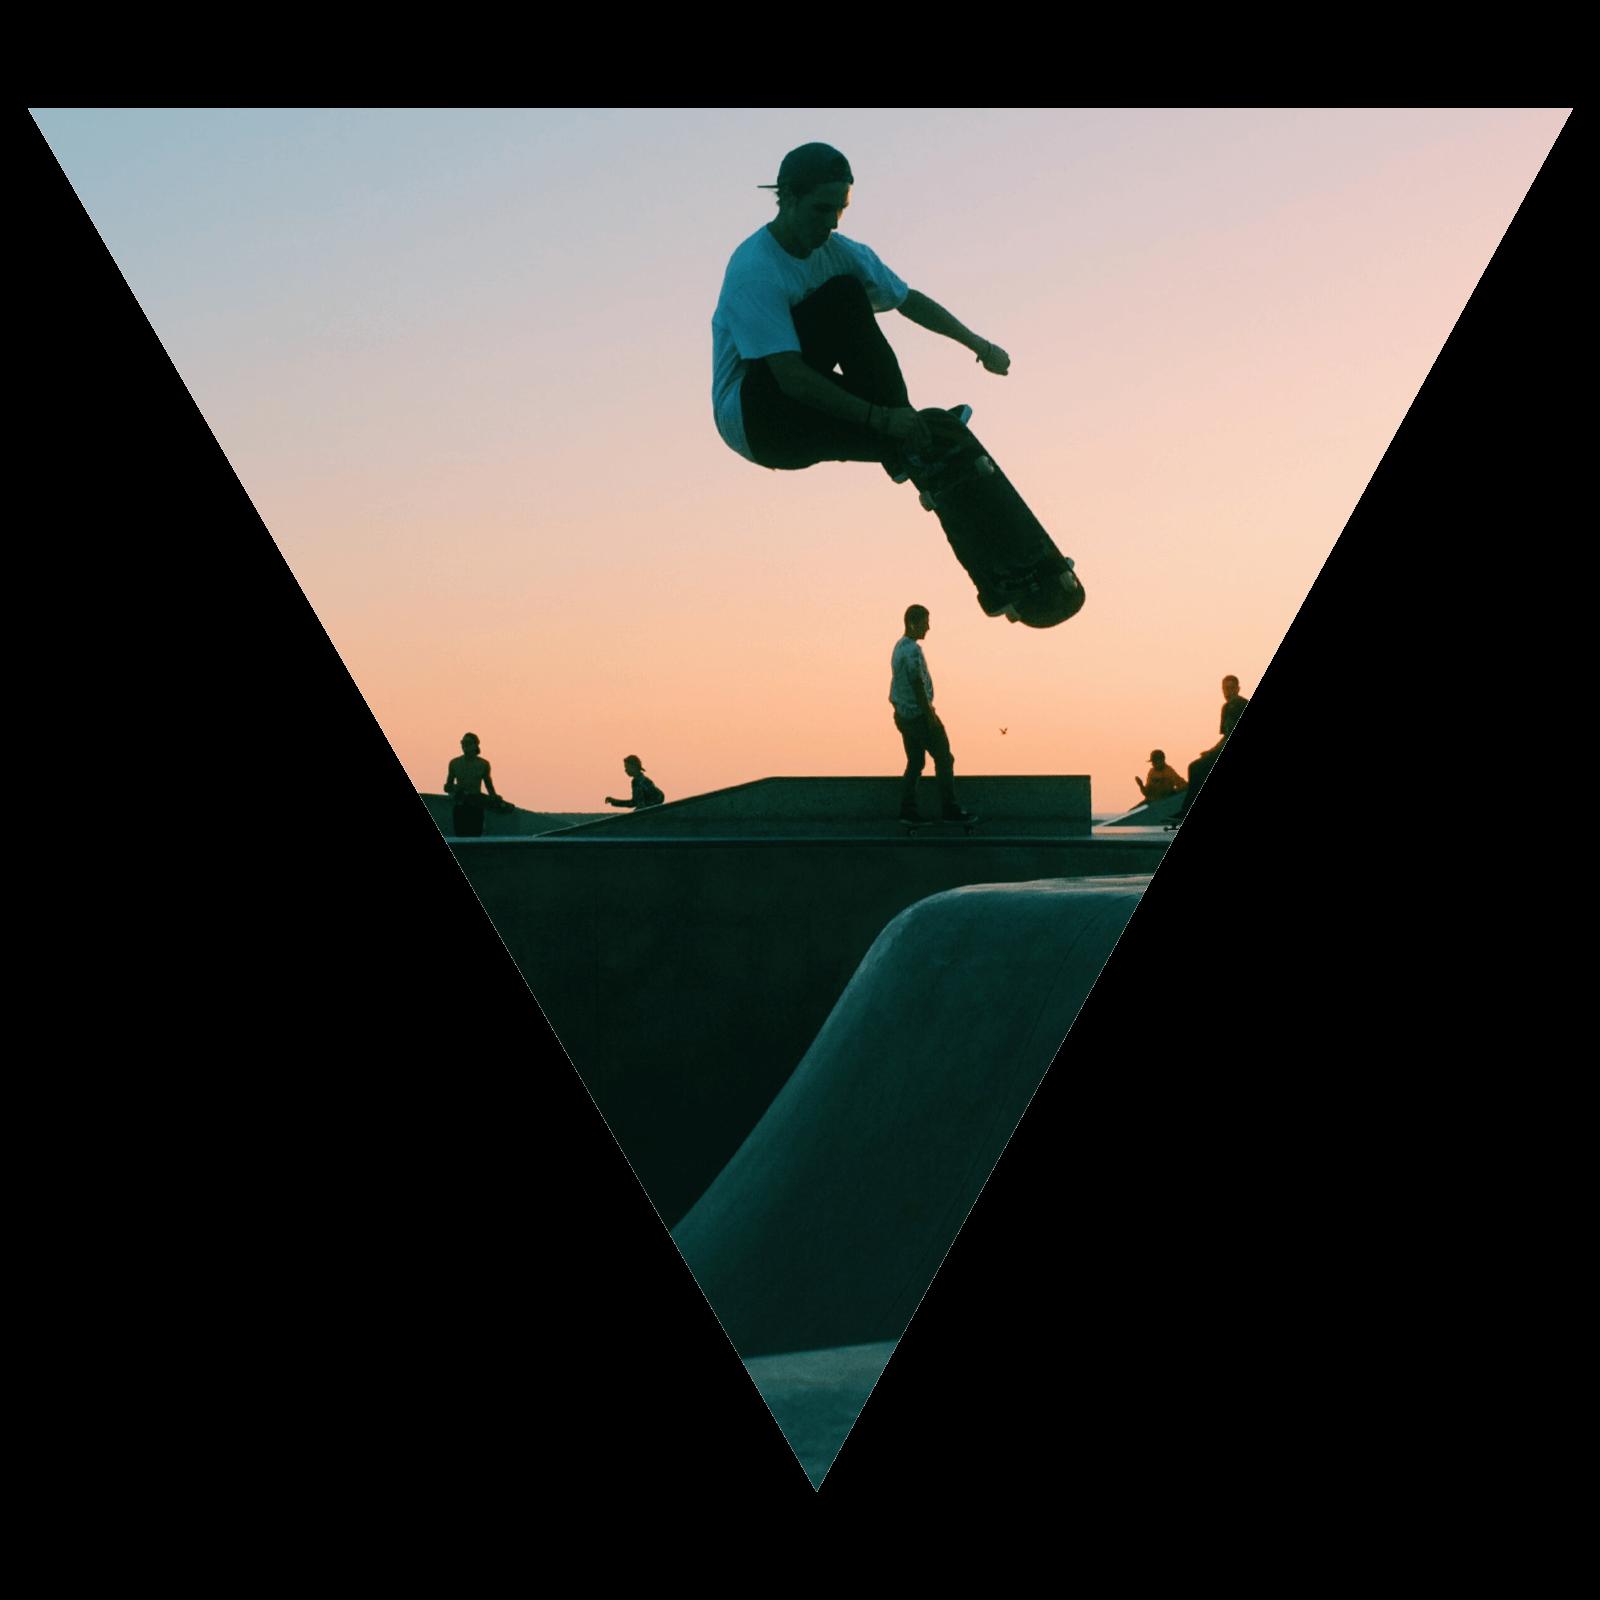 'V' Skateboarder.png